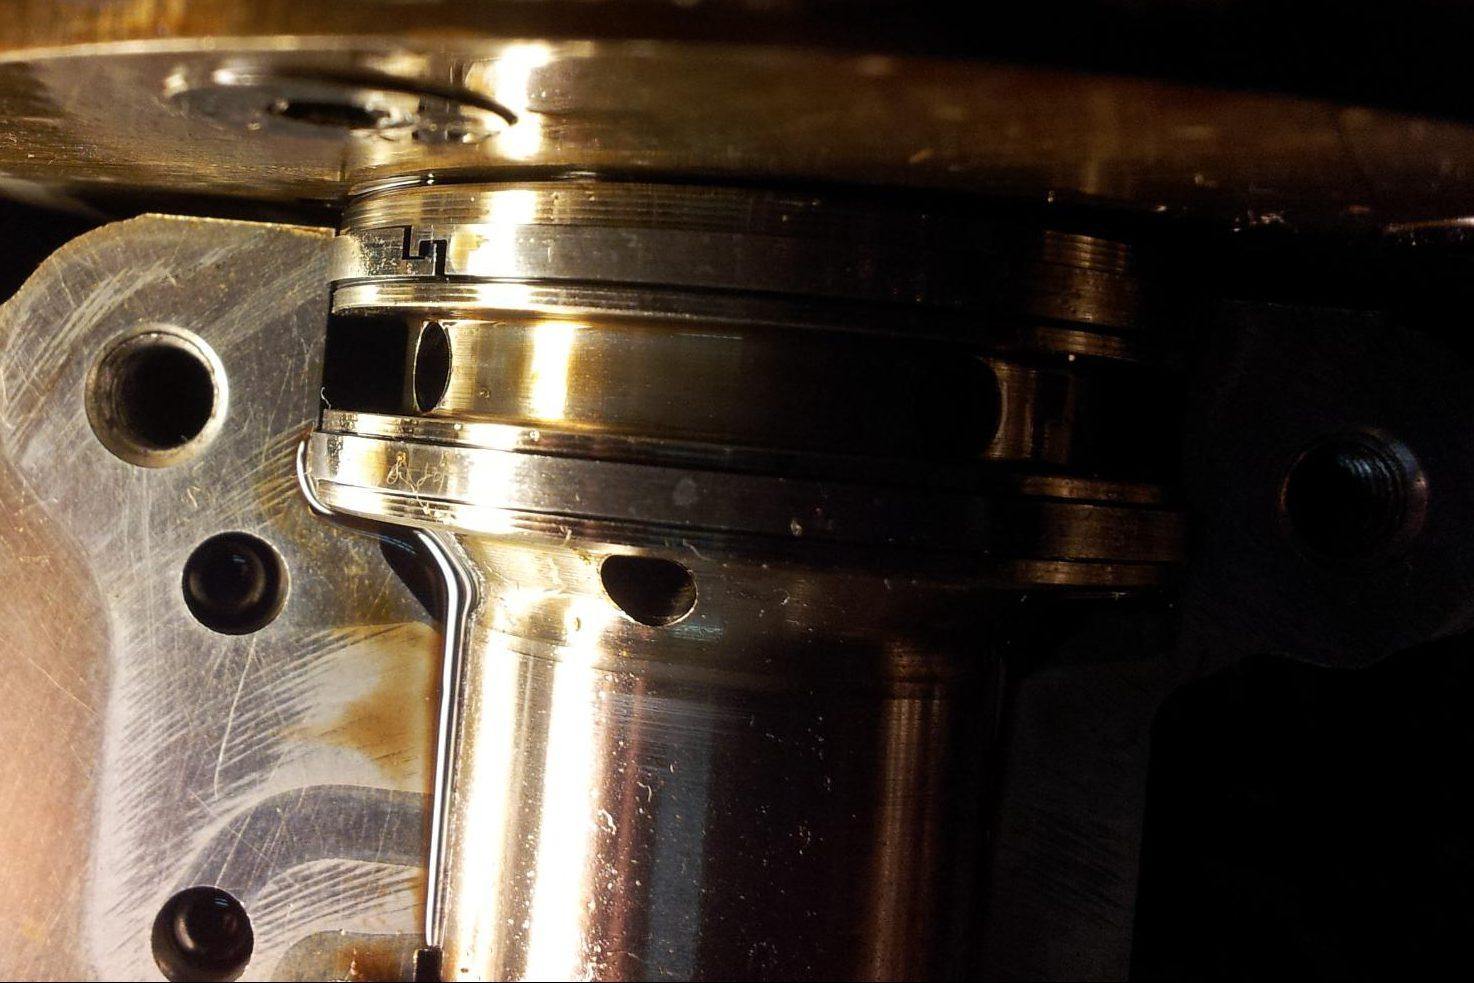 Bmw Steuerkette Wechseln Motorschmiede Die Nr1 Für Motoren